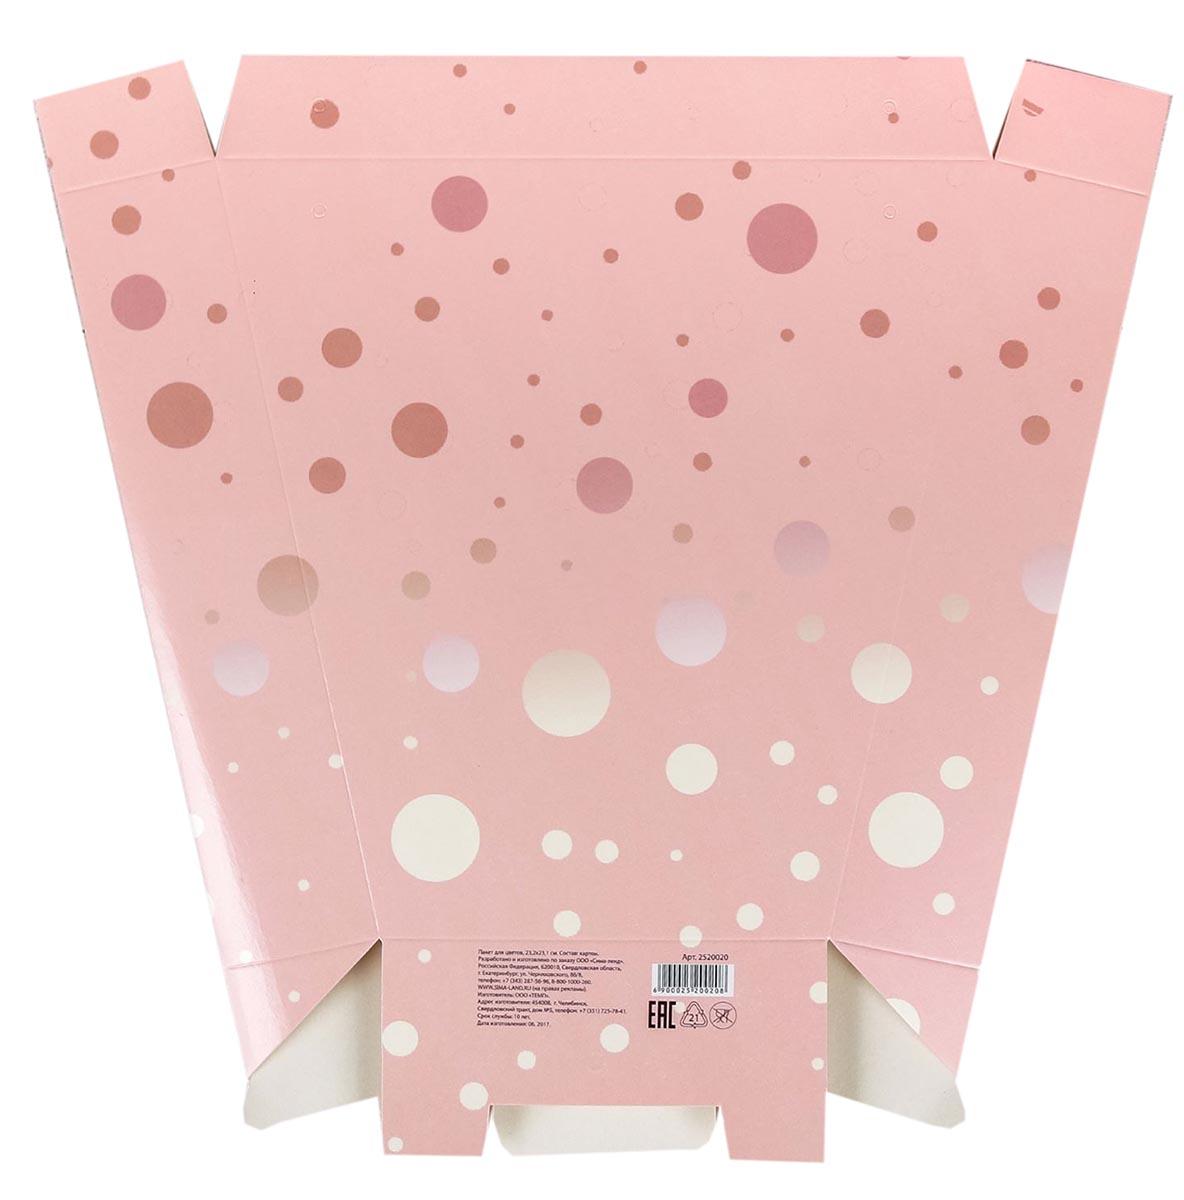 Коробка-пакет Дарите Счастье Сверкающие капли, с атласными лентами, для цветов3090145Любой подарок начинается с упаковки. Что может быть трогательнее и волшебнее, чем ритуал разворачивания полученного презента. И именно оригинальная, со вкусом выбранная упаковка выделит ваш подарок из массы других. Она продемонстрирует самые теплые чувства к виновнику торжества и создаст сказочную атмосферу праздника.